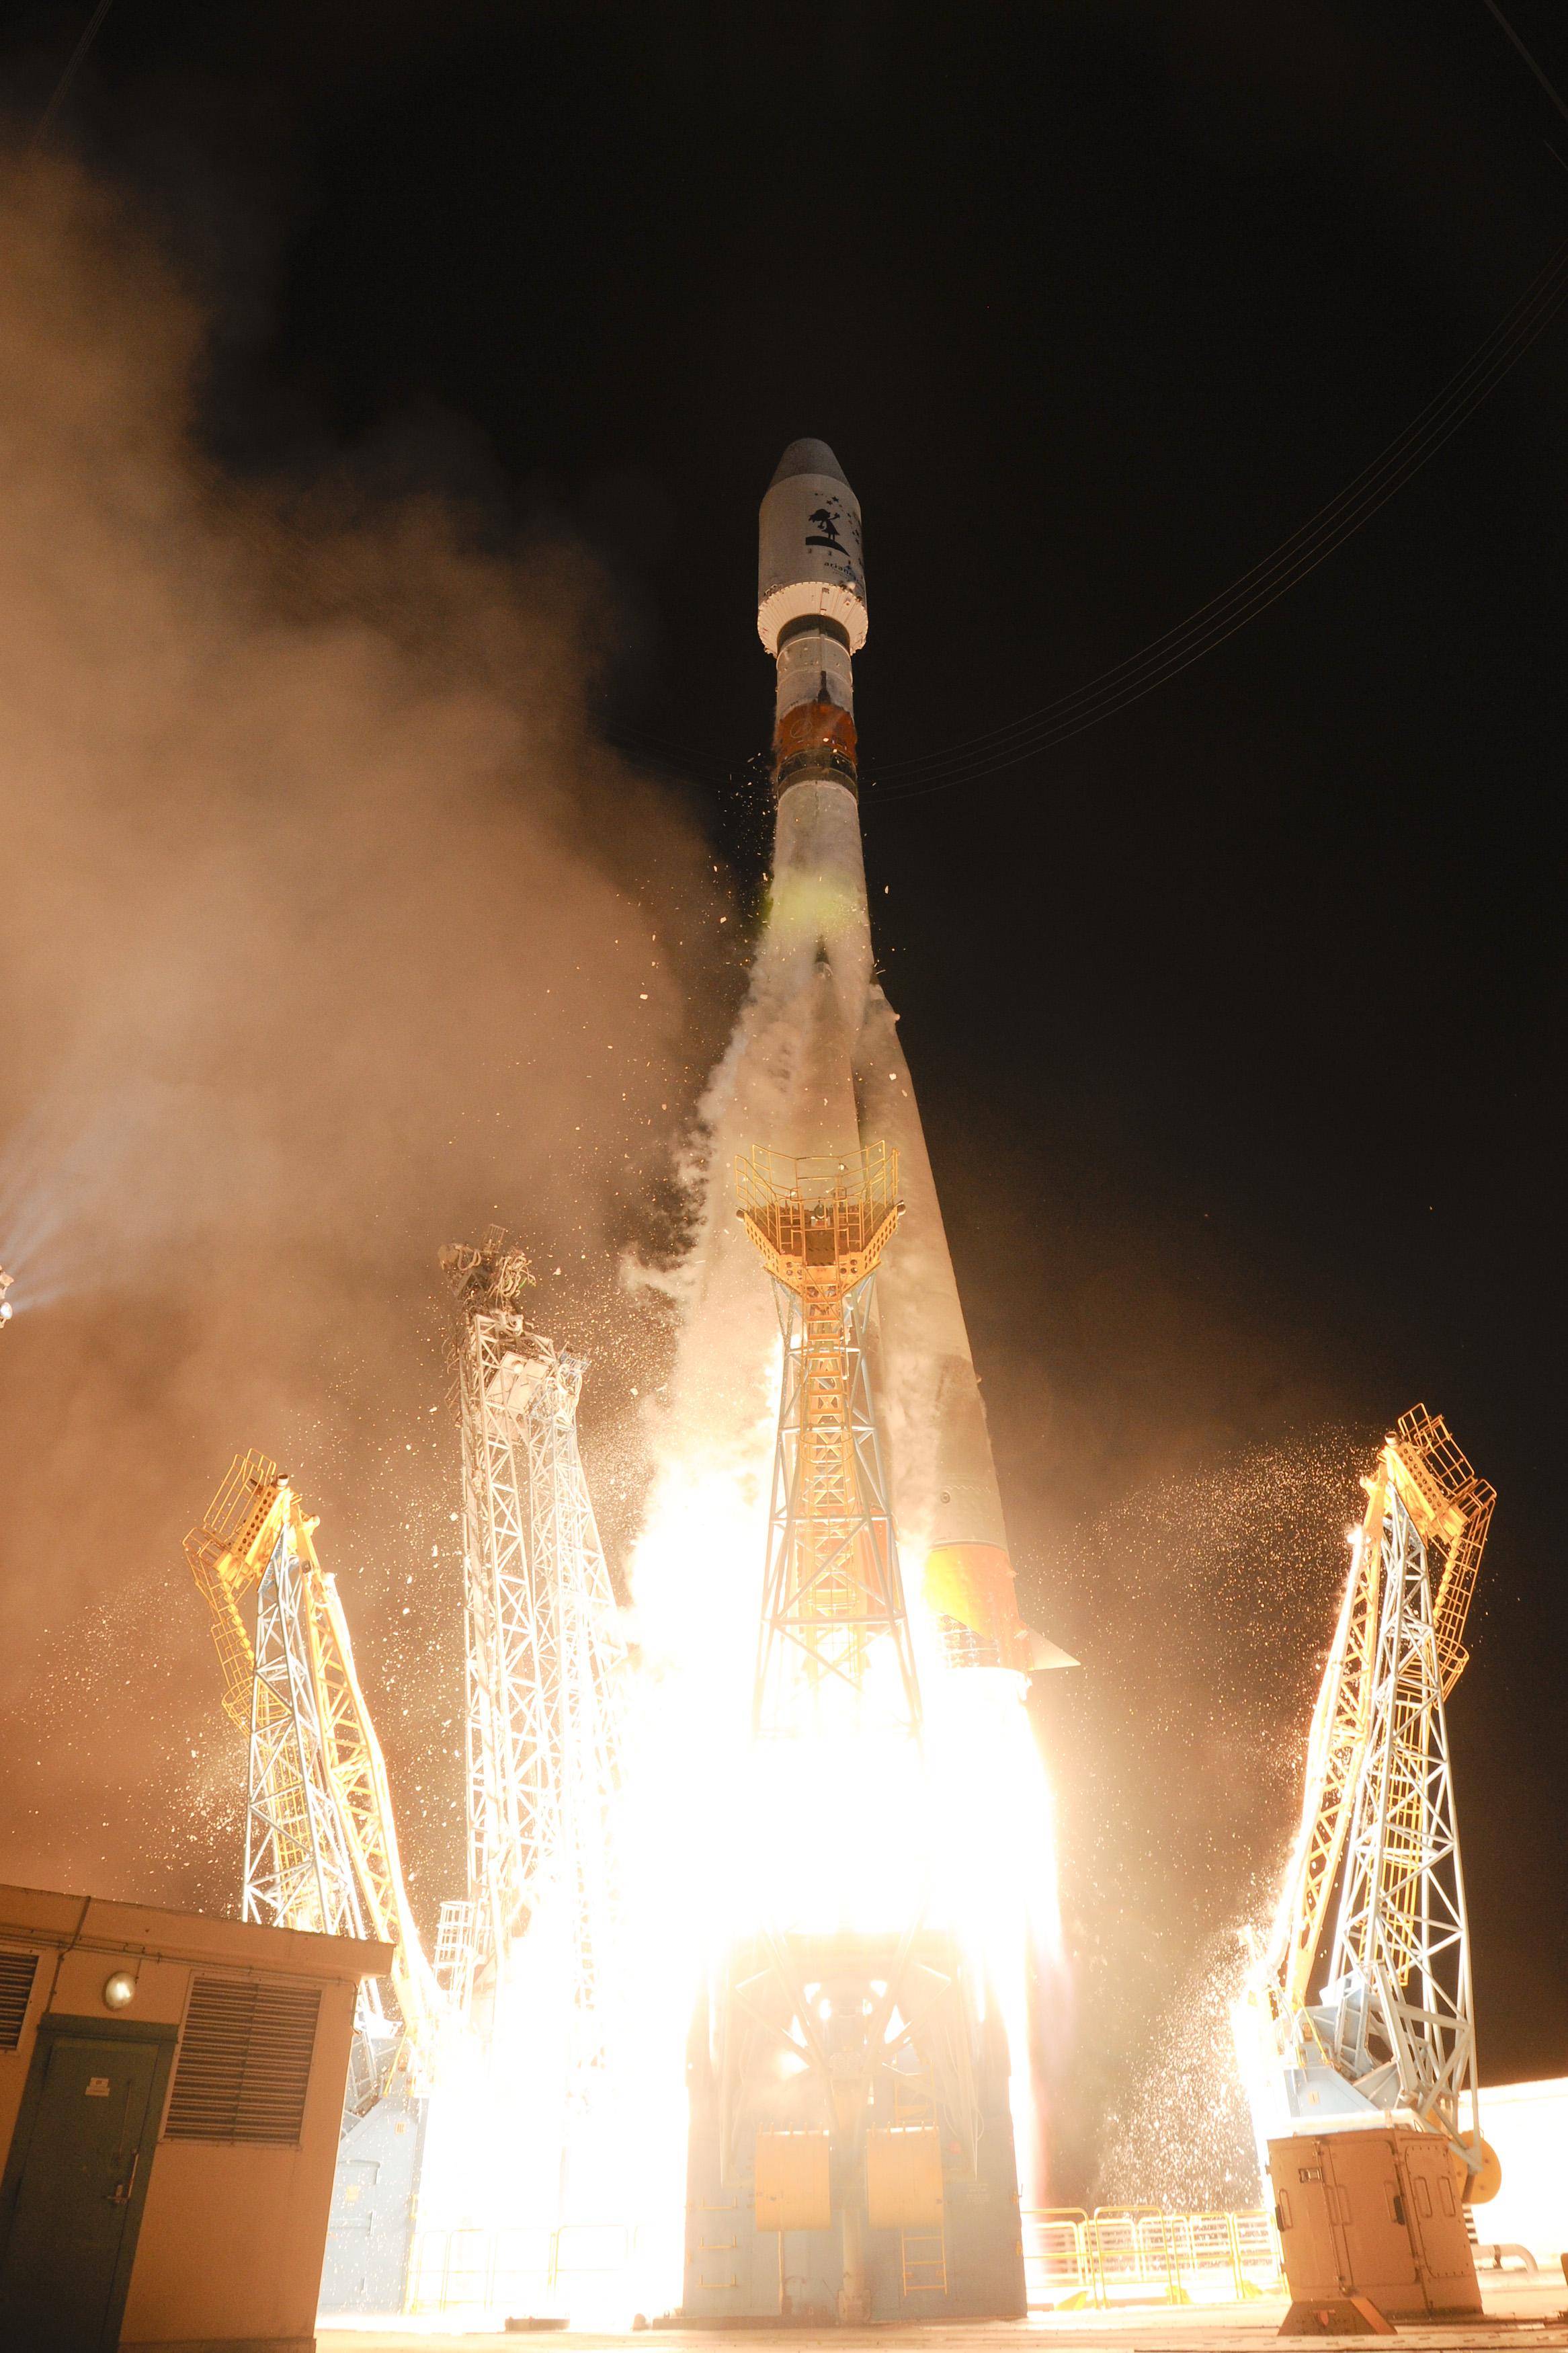 1567216520555-Gaia_liftoff_6.jpg